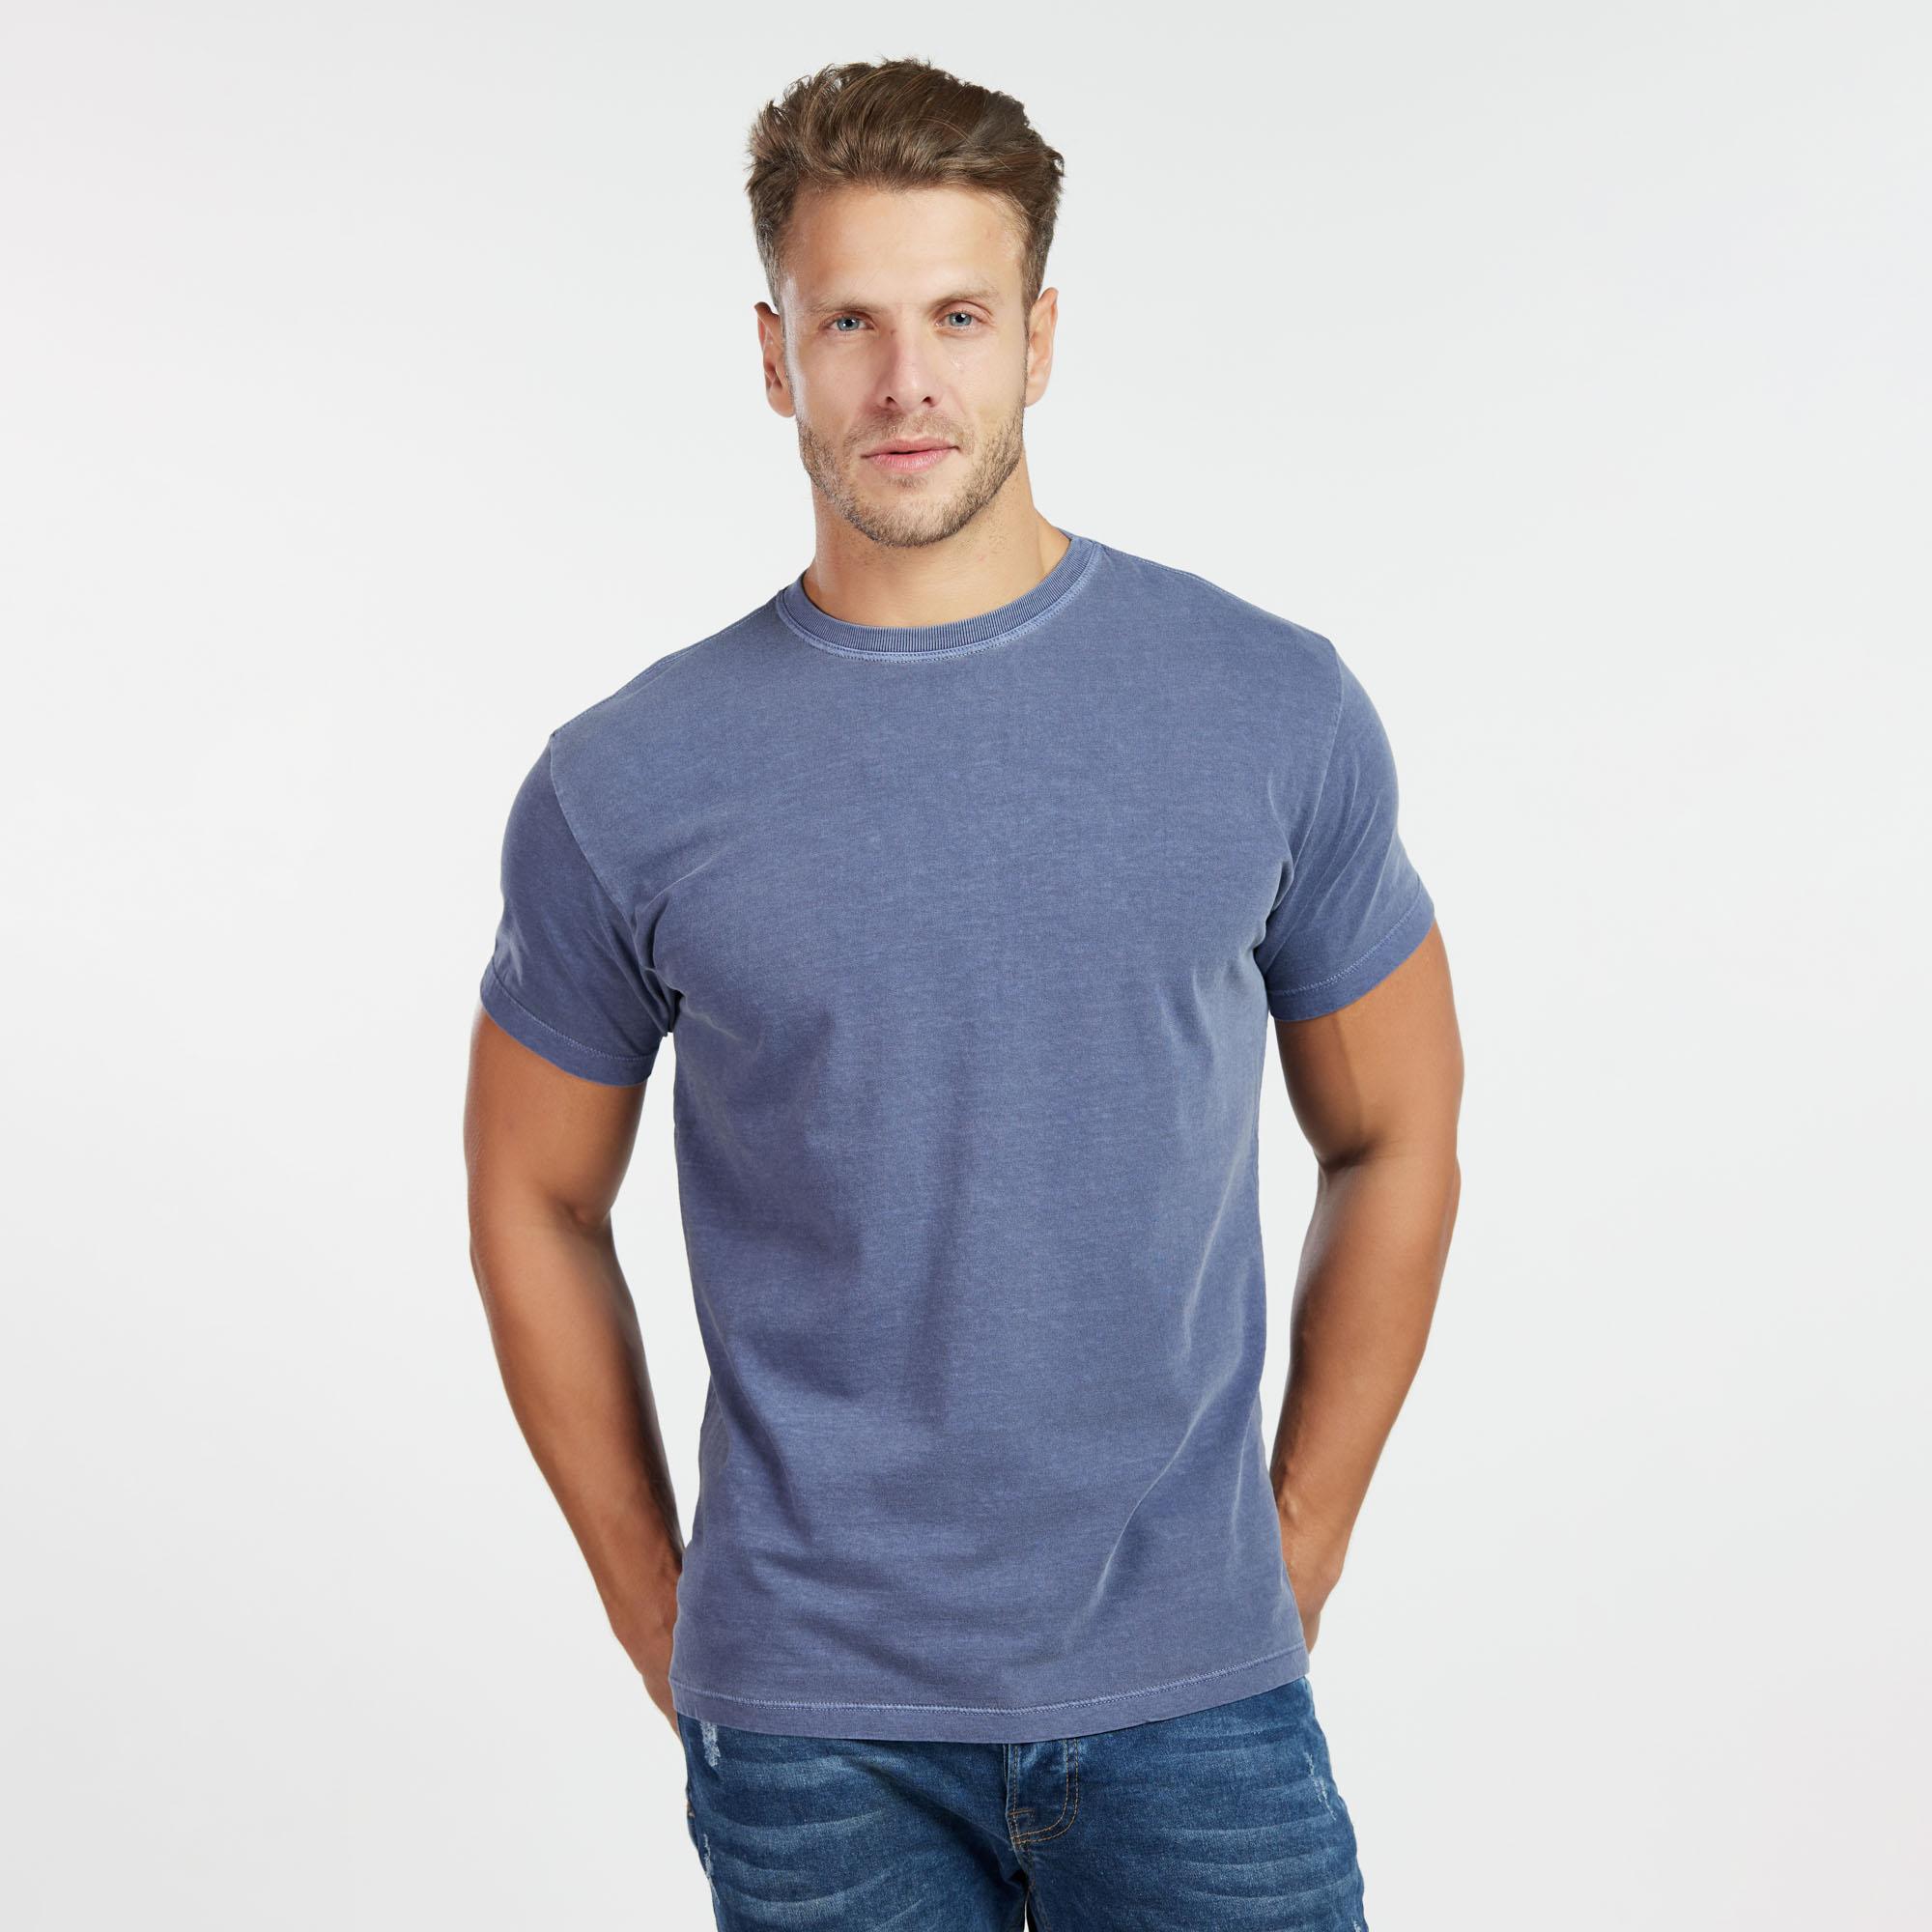 Camiseta Masculina Estonada Indigo